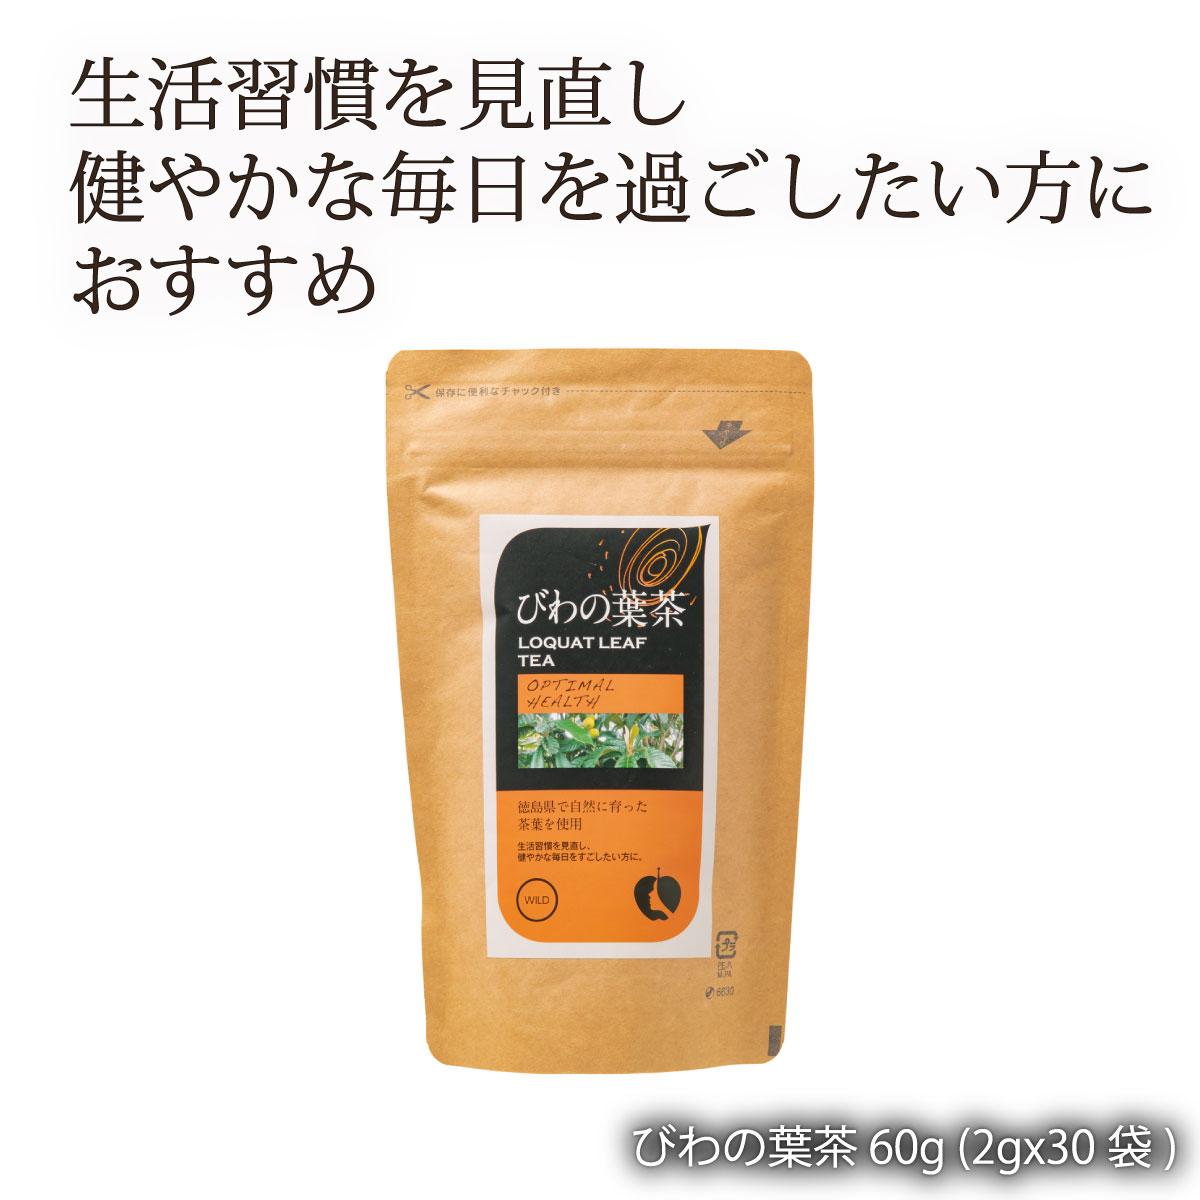 美容びようサプリさぷりオーガニックorganic[ナチュラルハウス]びわの葉茶60g(2gx30袋)オーガニック徳島県産の葉を使用